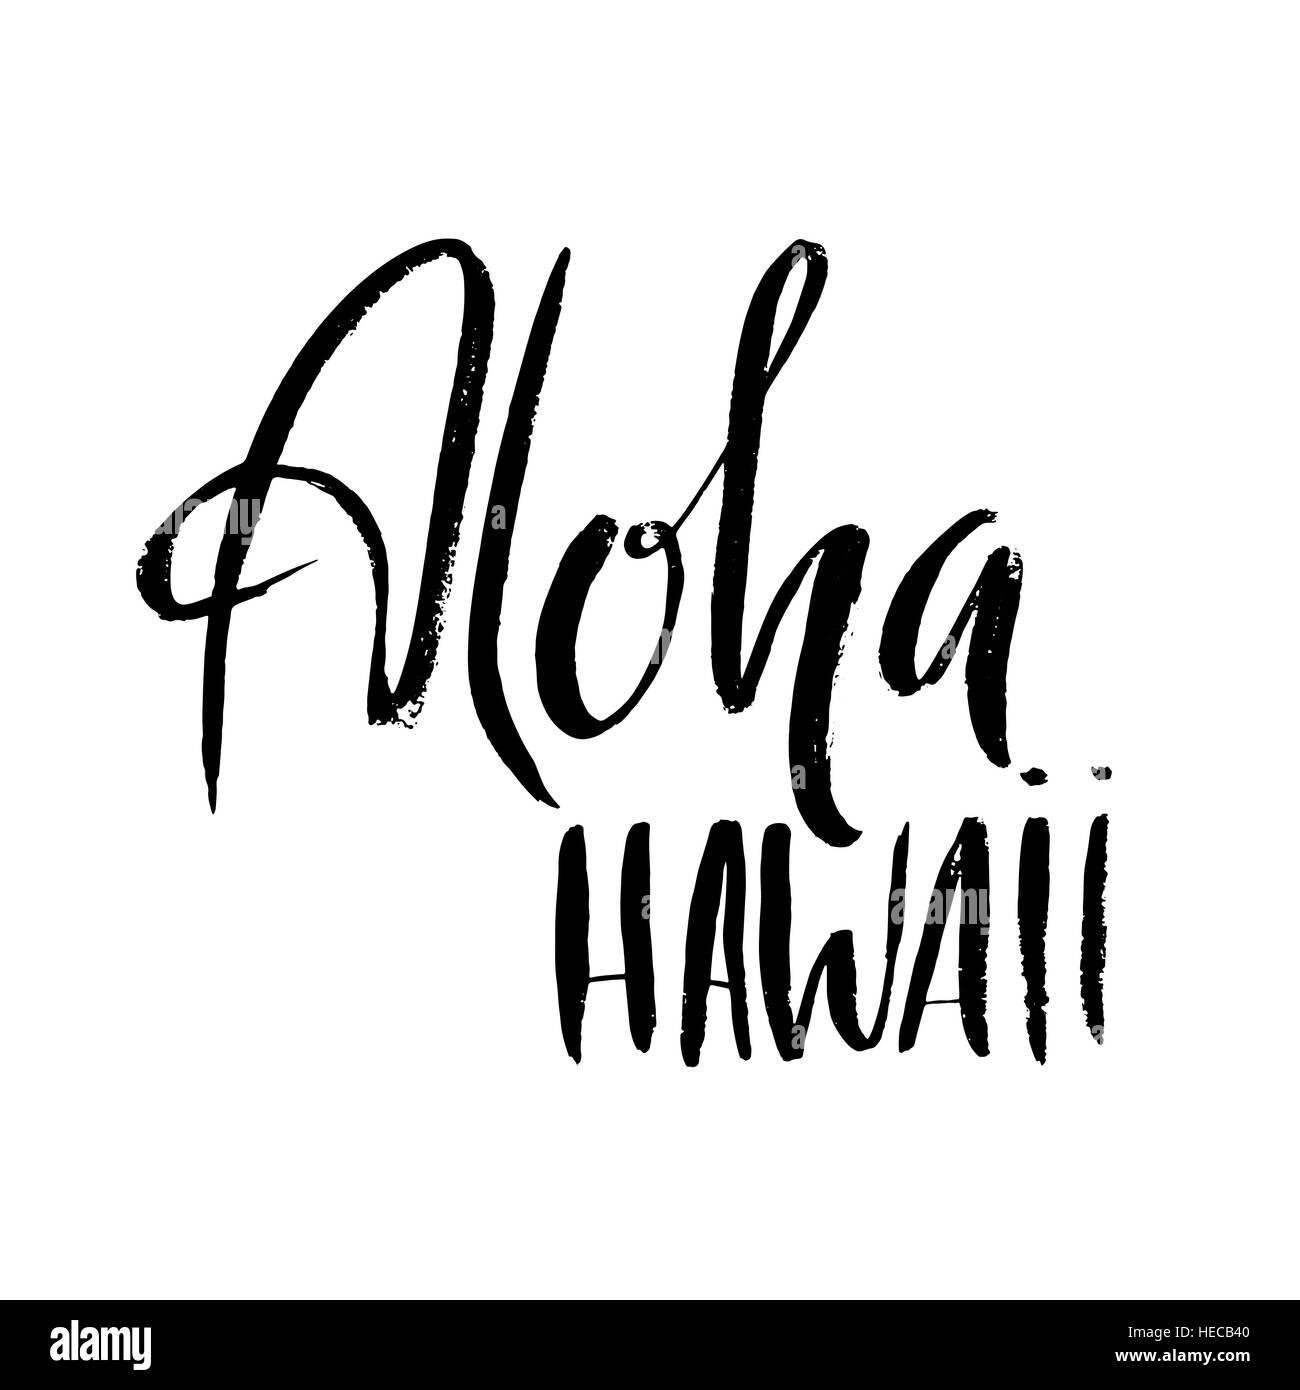 Dibujado A Mano Conceptual Frase Aloha Diseño De Letras